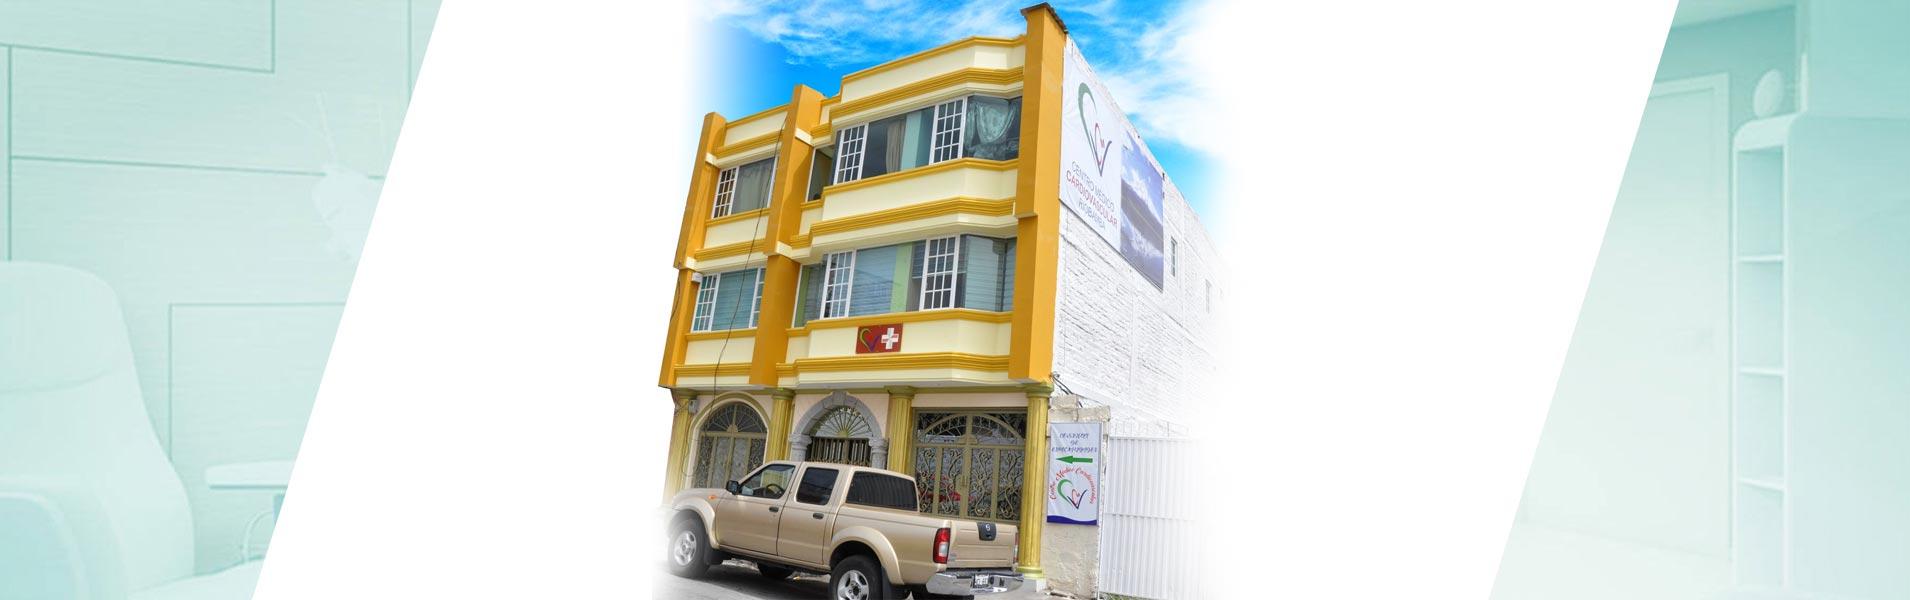 centro medico cardiovascular riobamba exterior